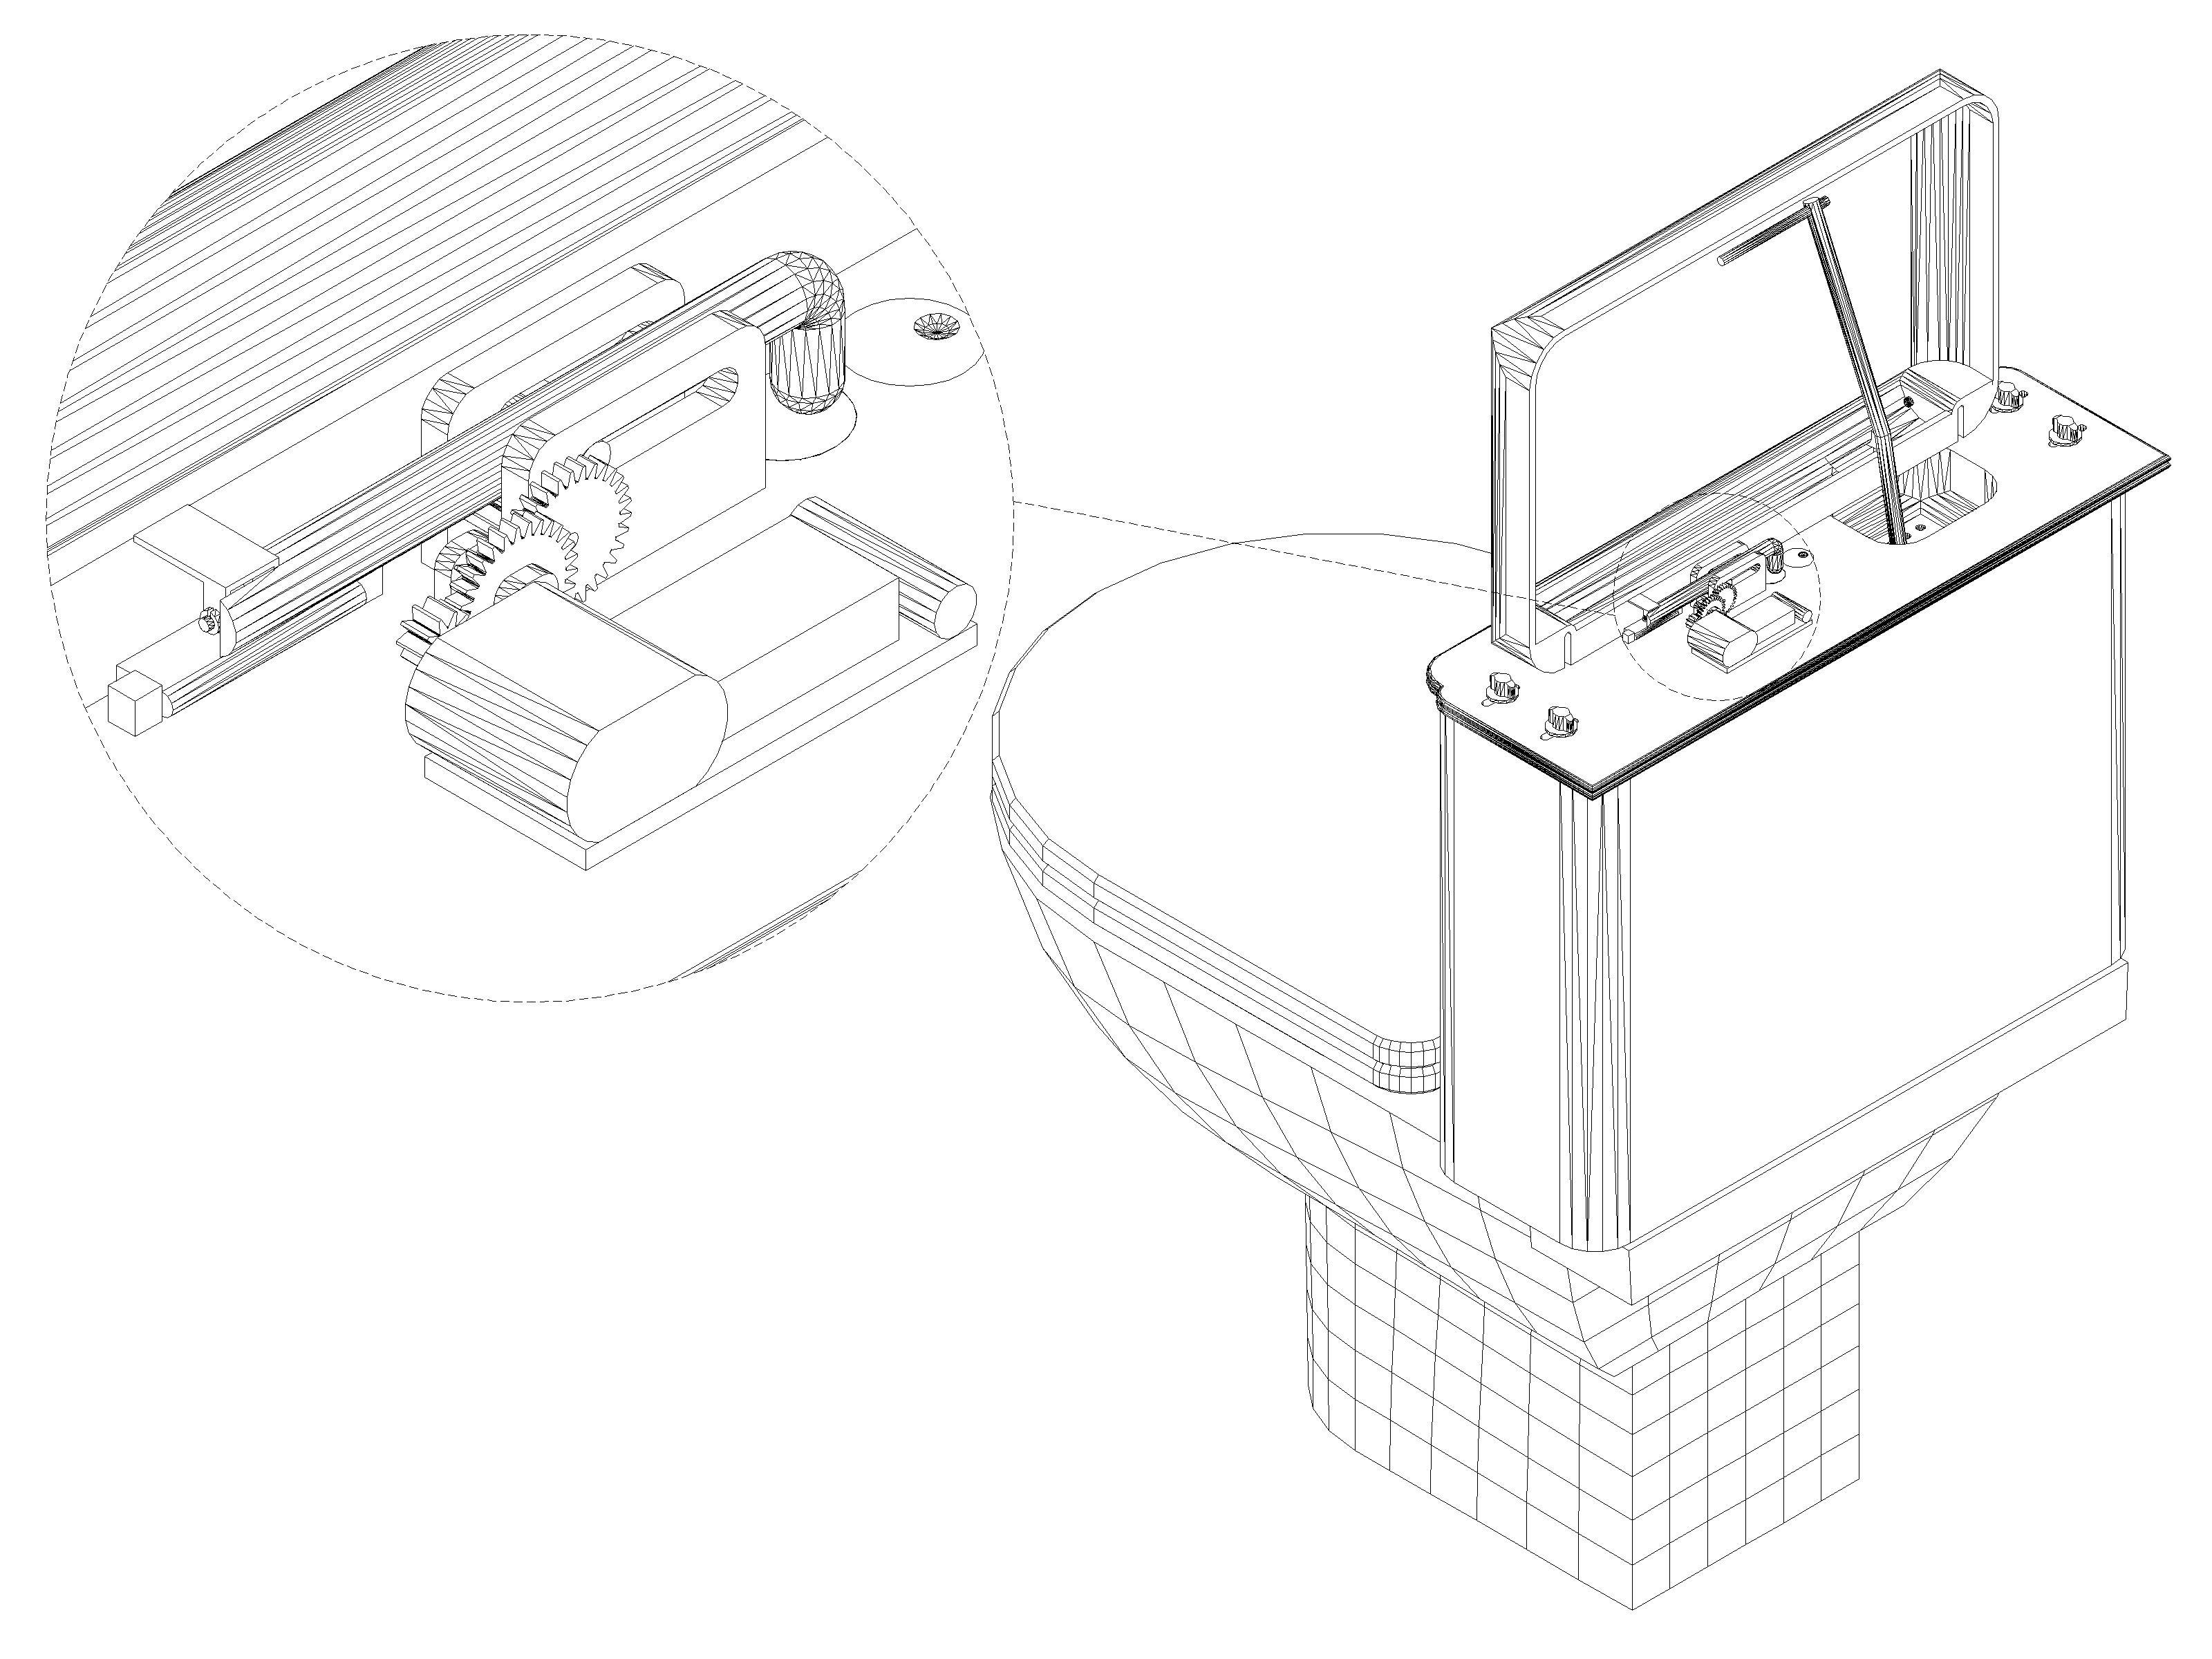 环保节水设计(升级版)-生活用品-工业-设计作品-中国